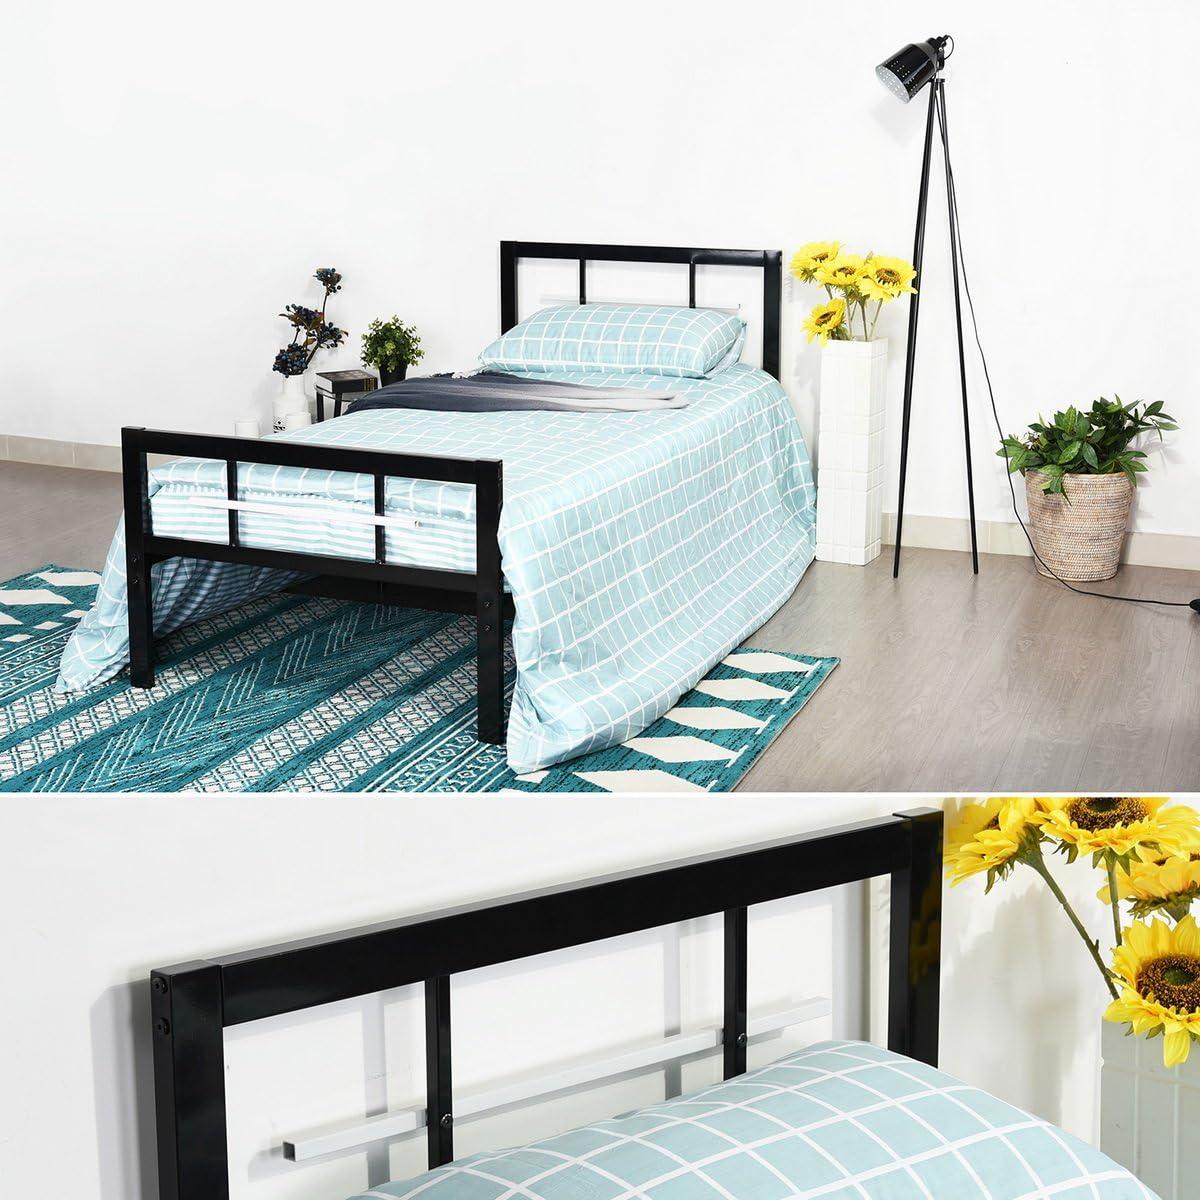 cm Noir. Aingoo lit Simple en m/étal avec t/ête et Pied de lit pour Les Enfants et Les Adultes,90 * 190